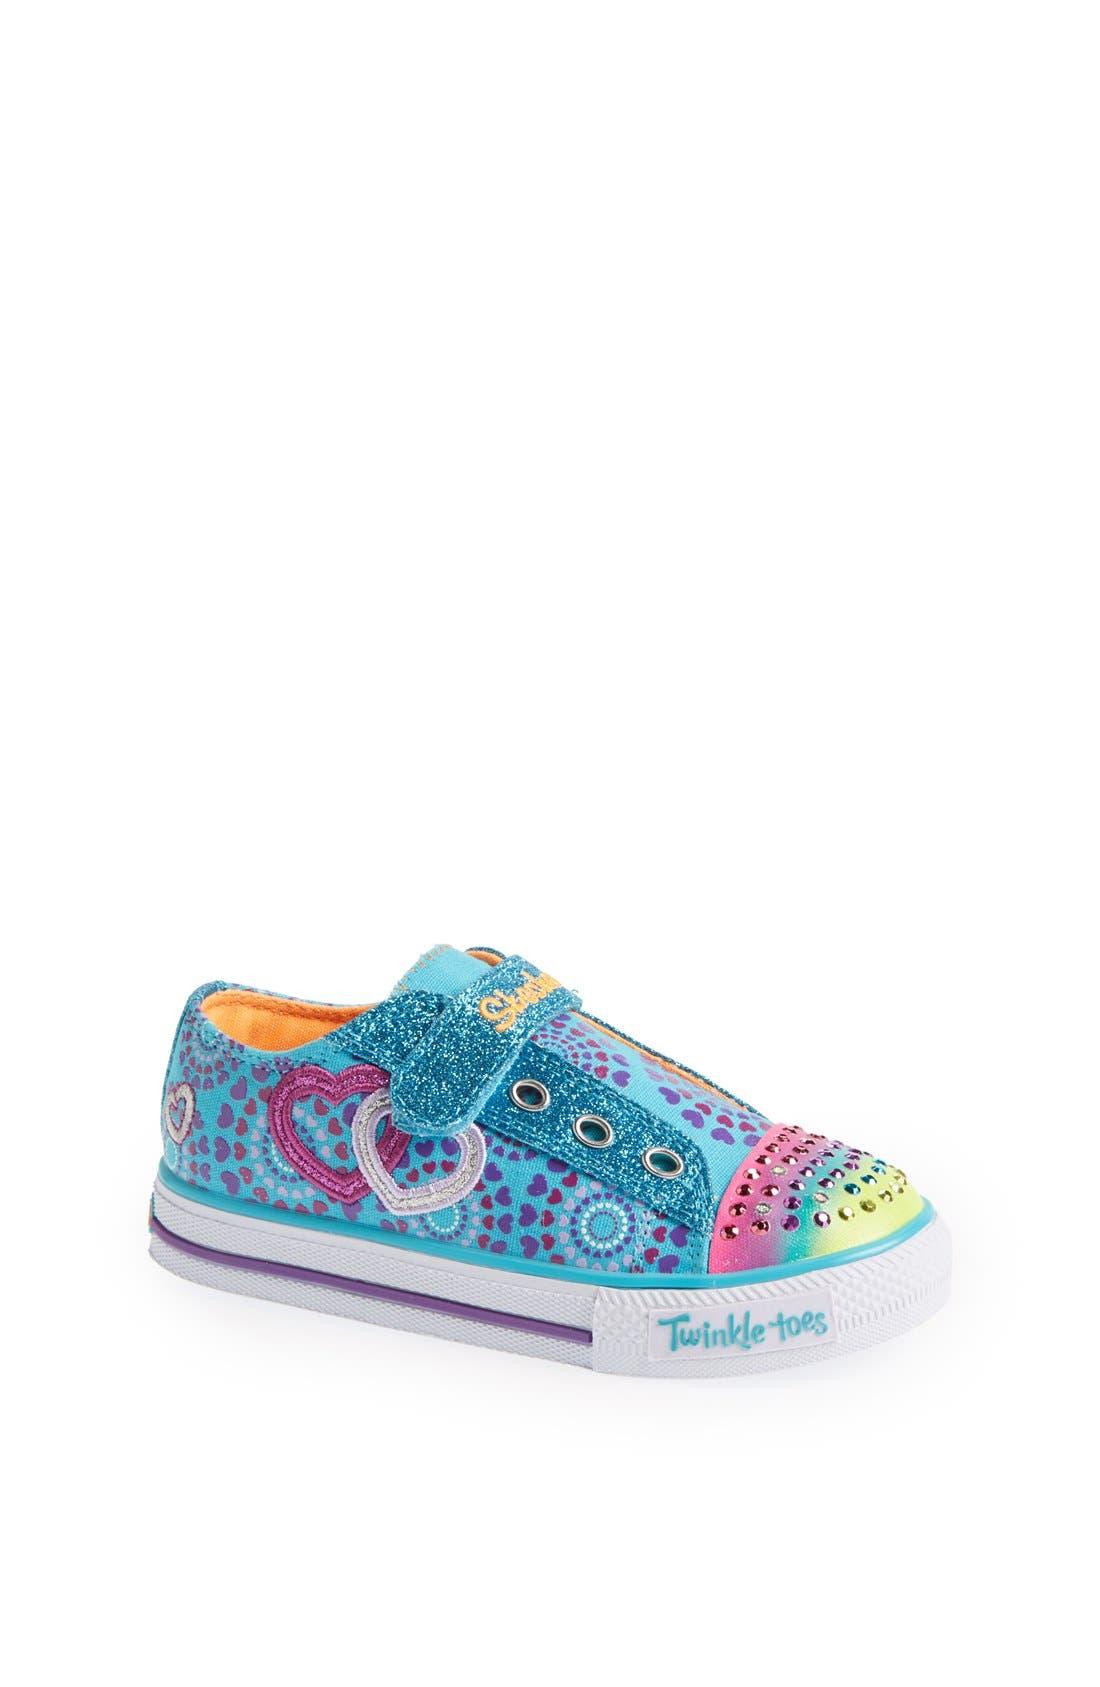 Alternate Image 1 Selected - SKECHERS 'Shuffles - Love Burst' Sneaker (Toddler)